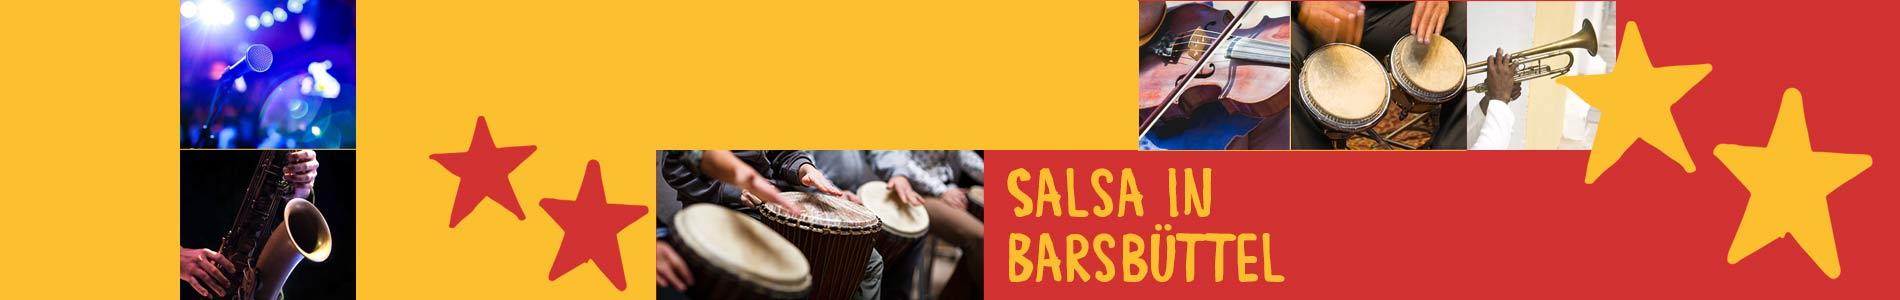 Salsa in Barsbüttel – Salsa lernen und tanzen, Tanzkurse, Partys, Veranstaltungen